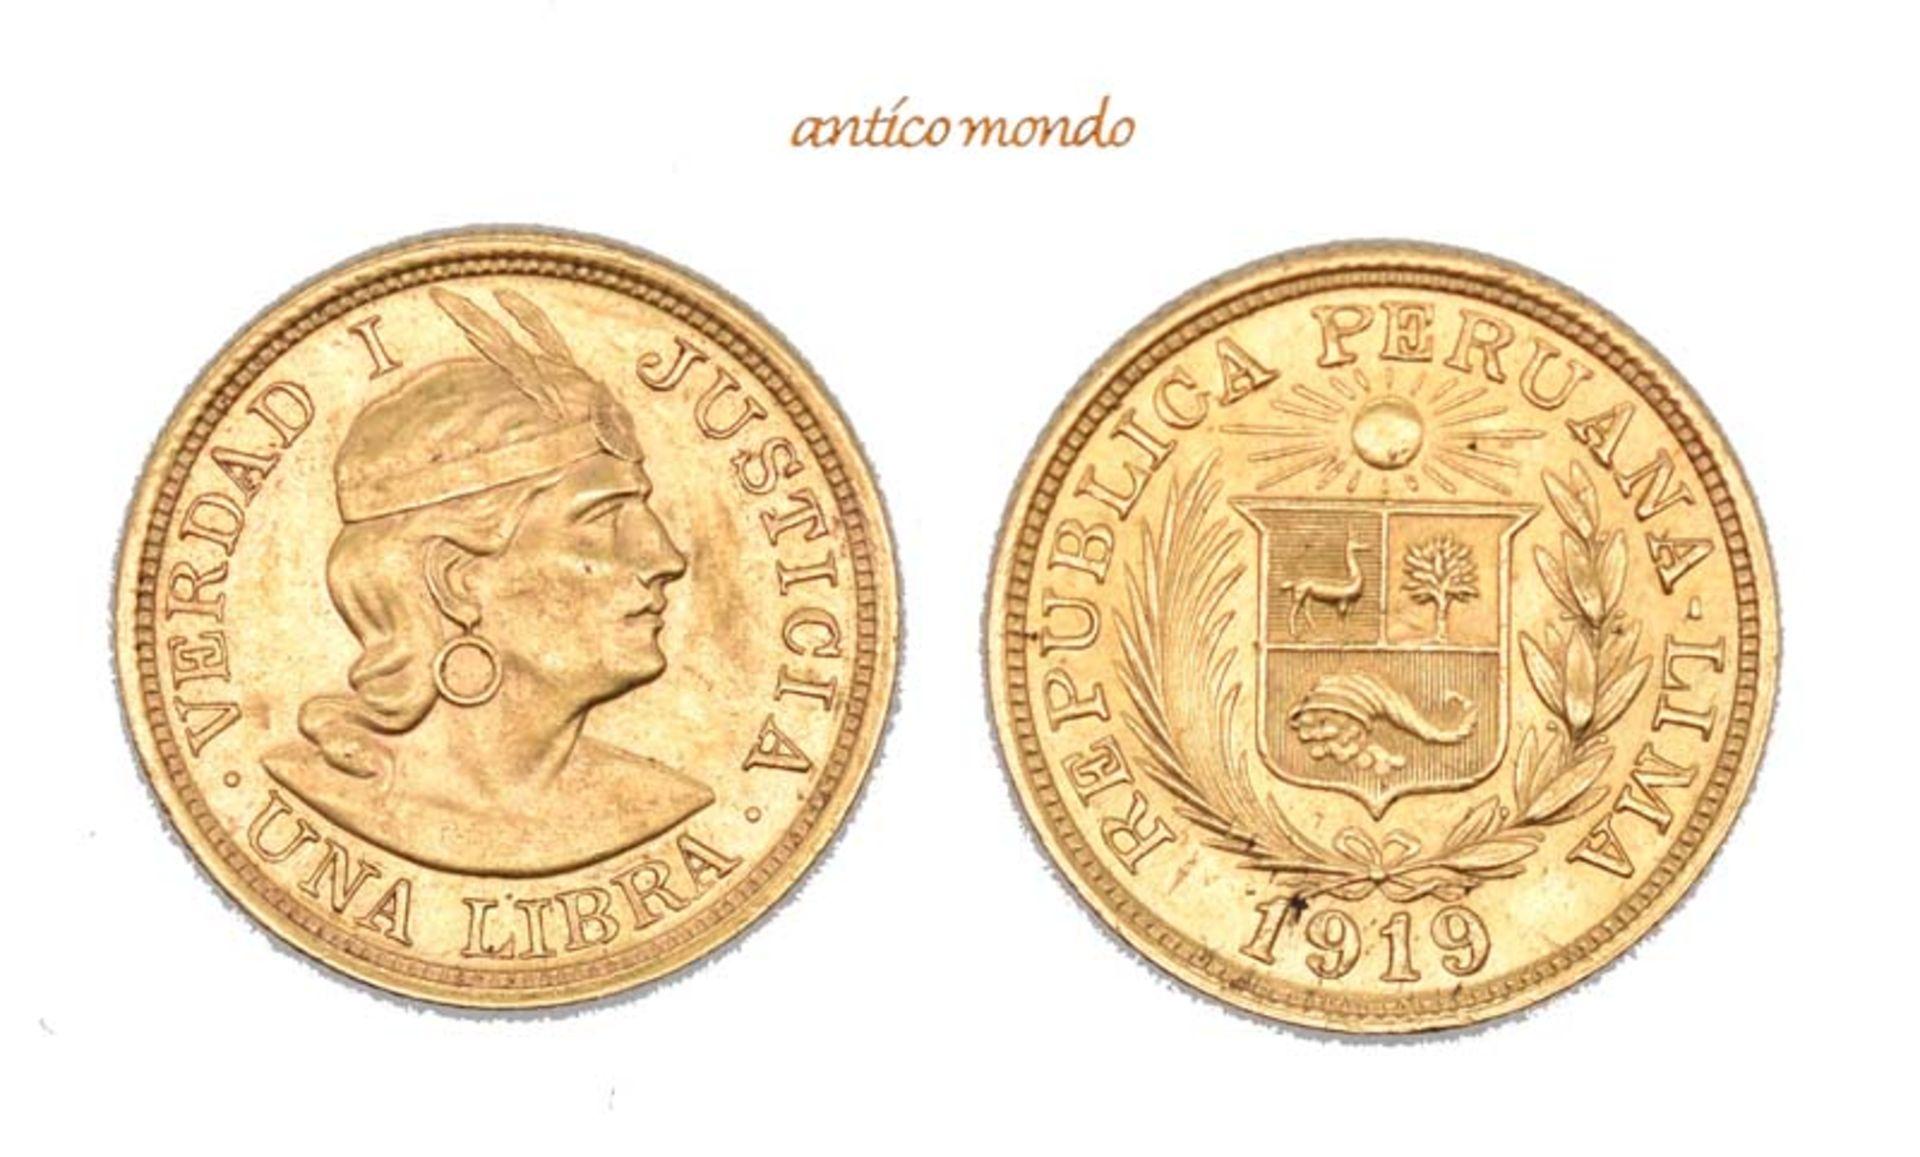 Peru, Republik, Libra, 1919, sehr schön-vorzüglich, 8,00 g- - -21.50 % buyer's premium on the hammer